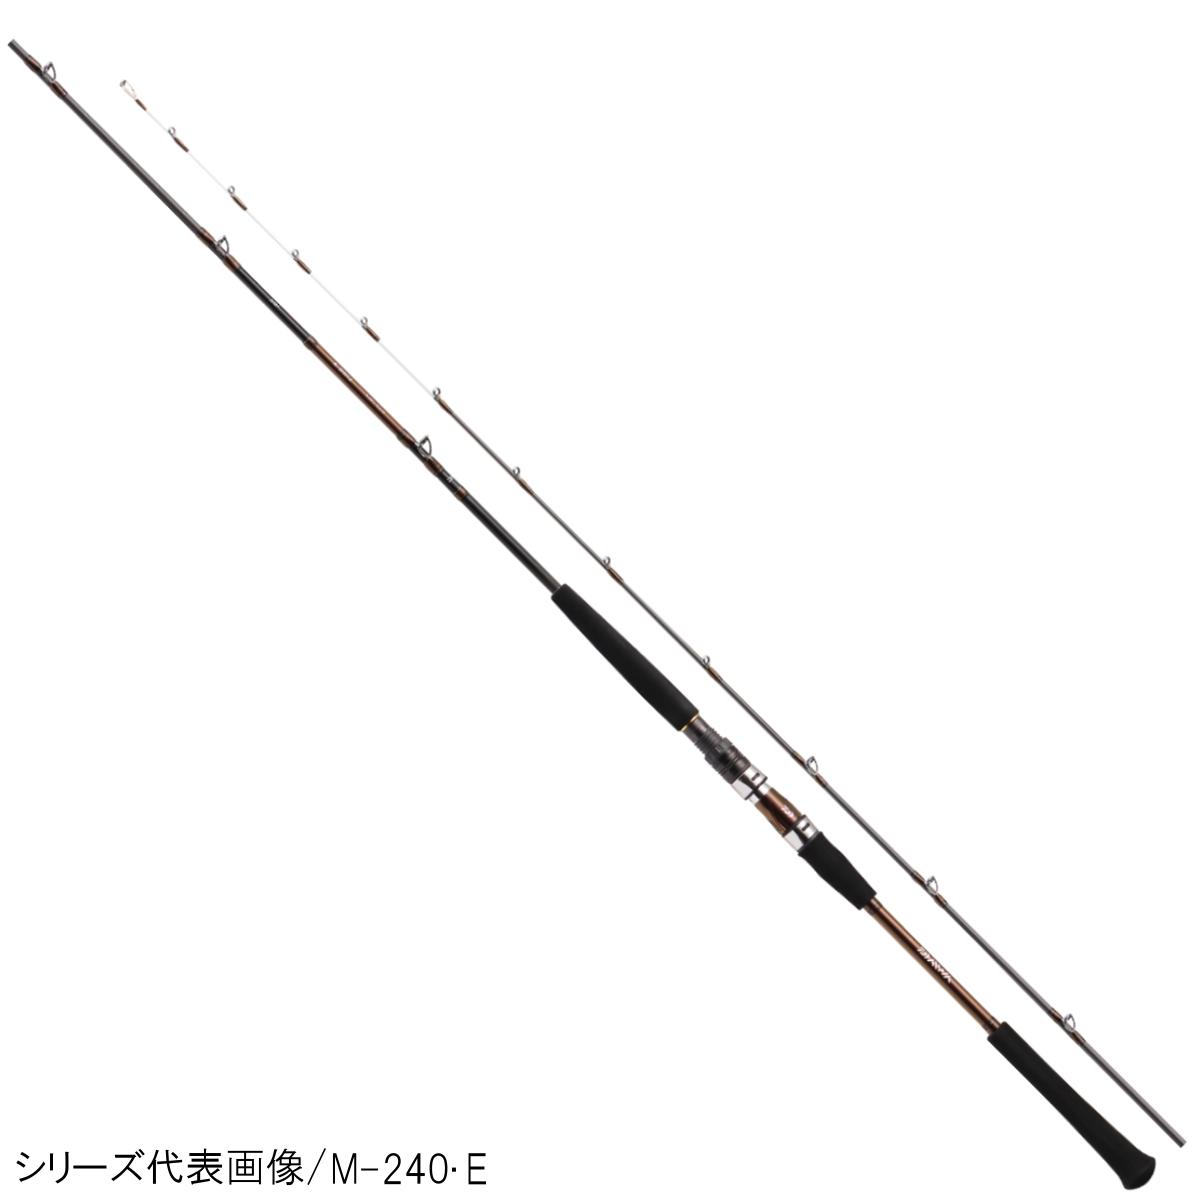 ダイワ A-ブリッツ ネライ MH-210・E【大型商品】(東日本店)